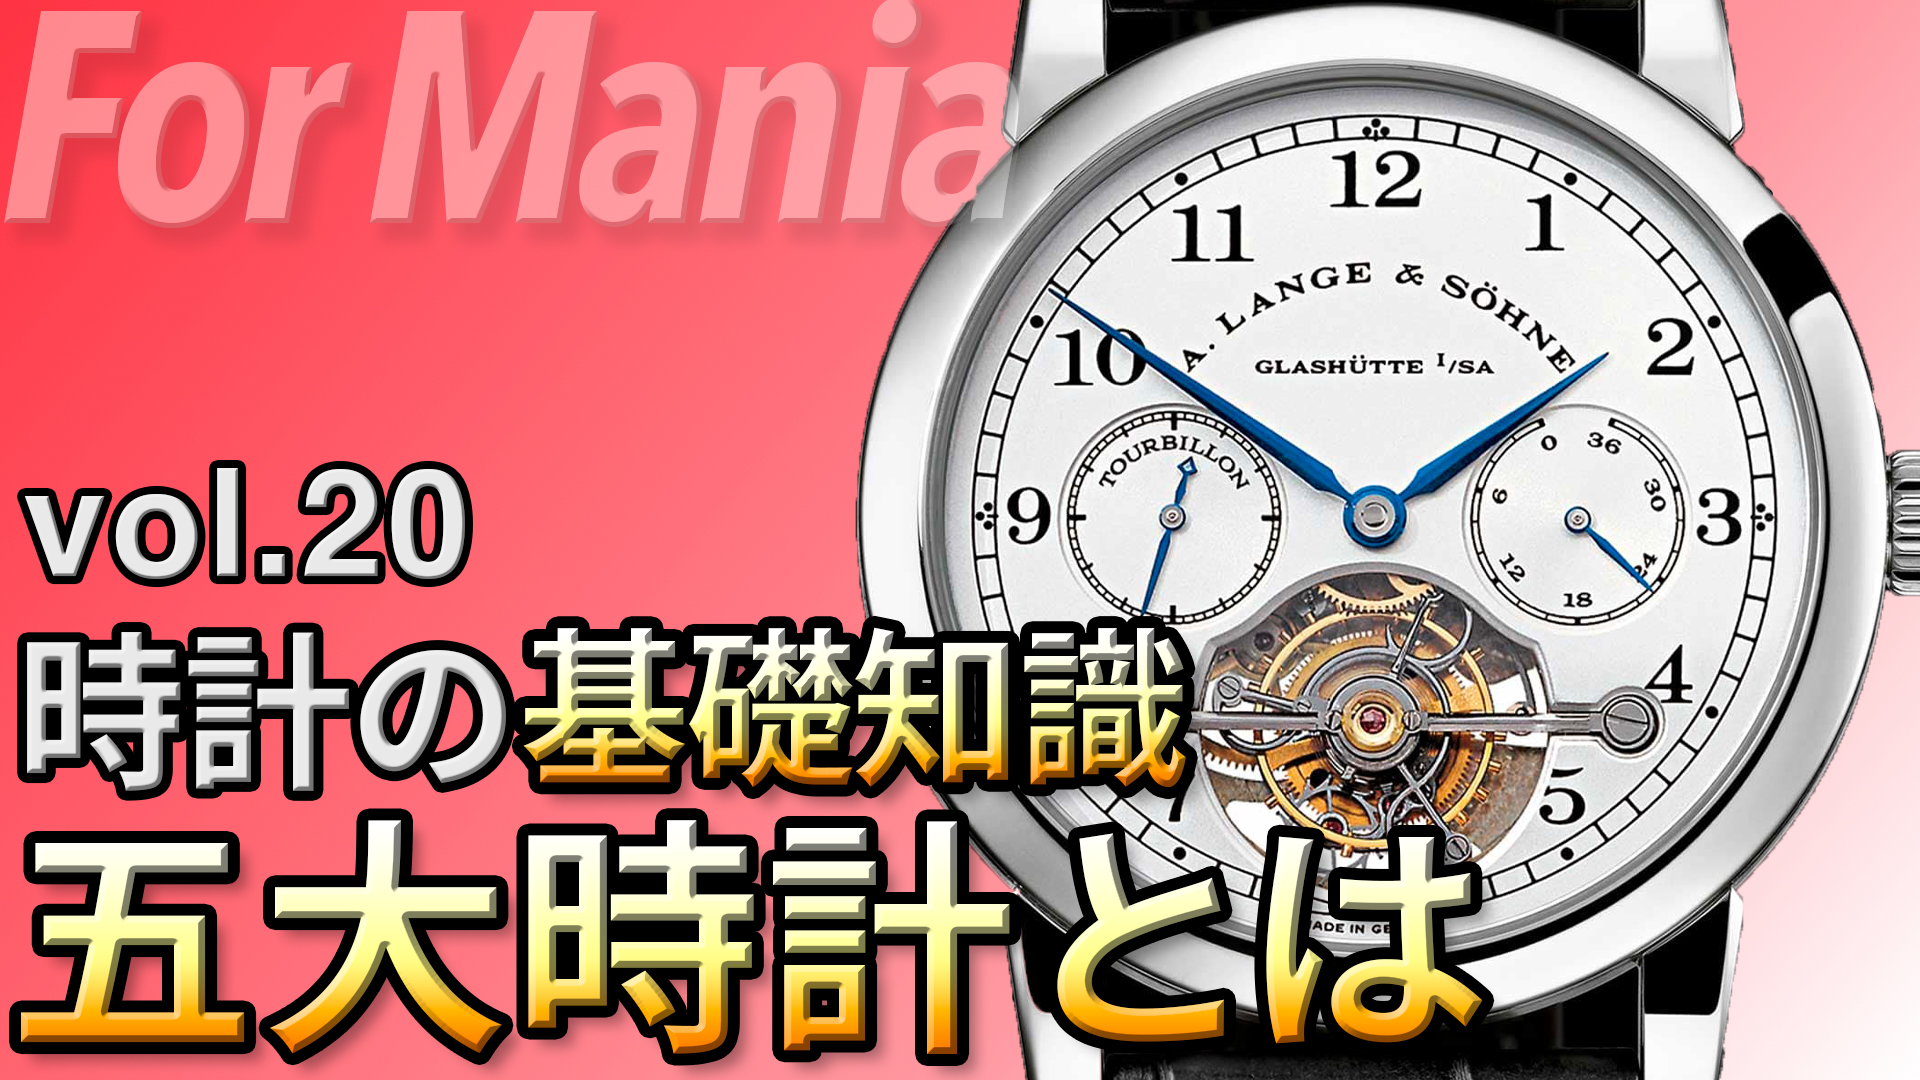 【基礎知識 vol.20】世界5大時計ブランドとは|腕時計の基礎知識・基礎用語